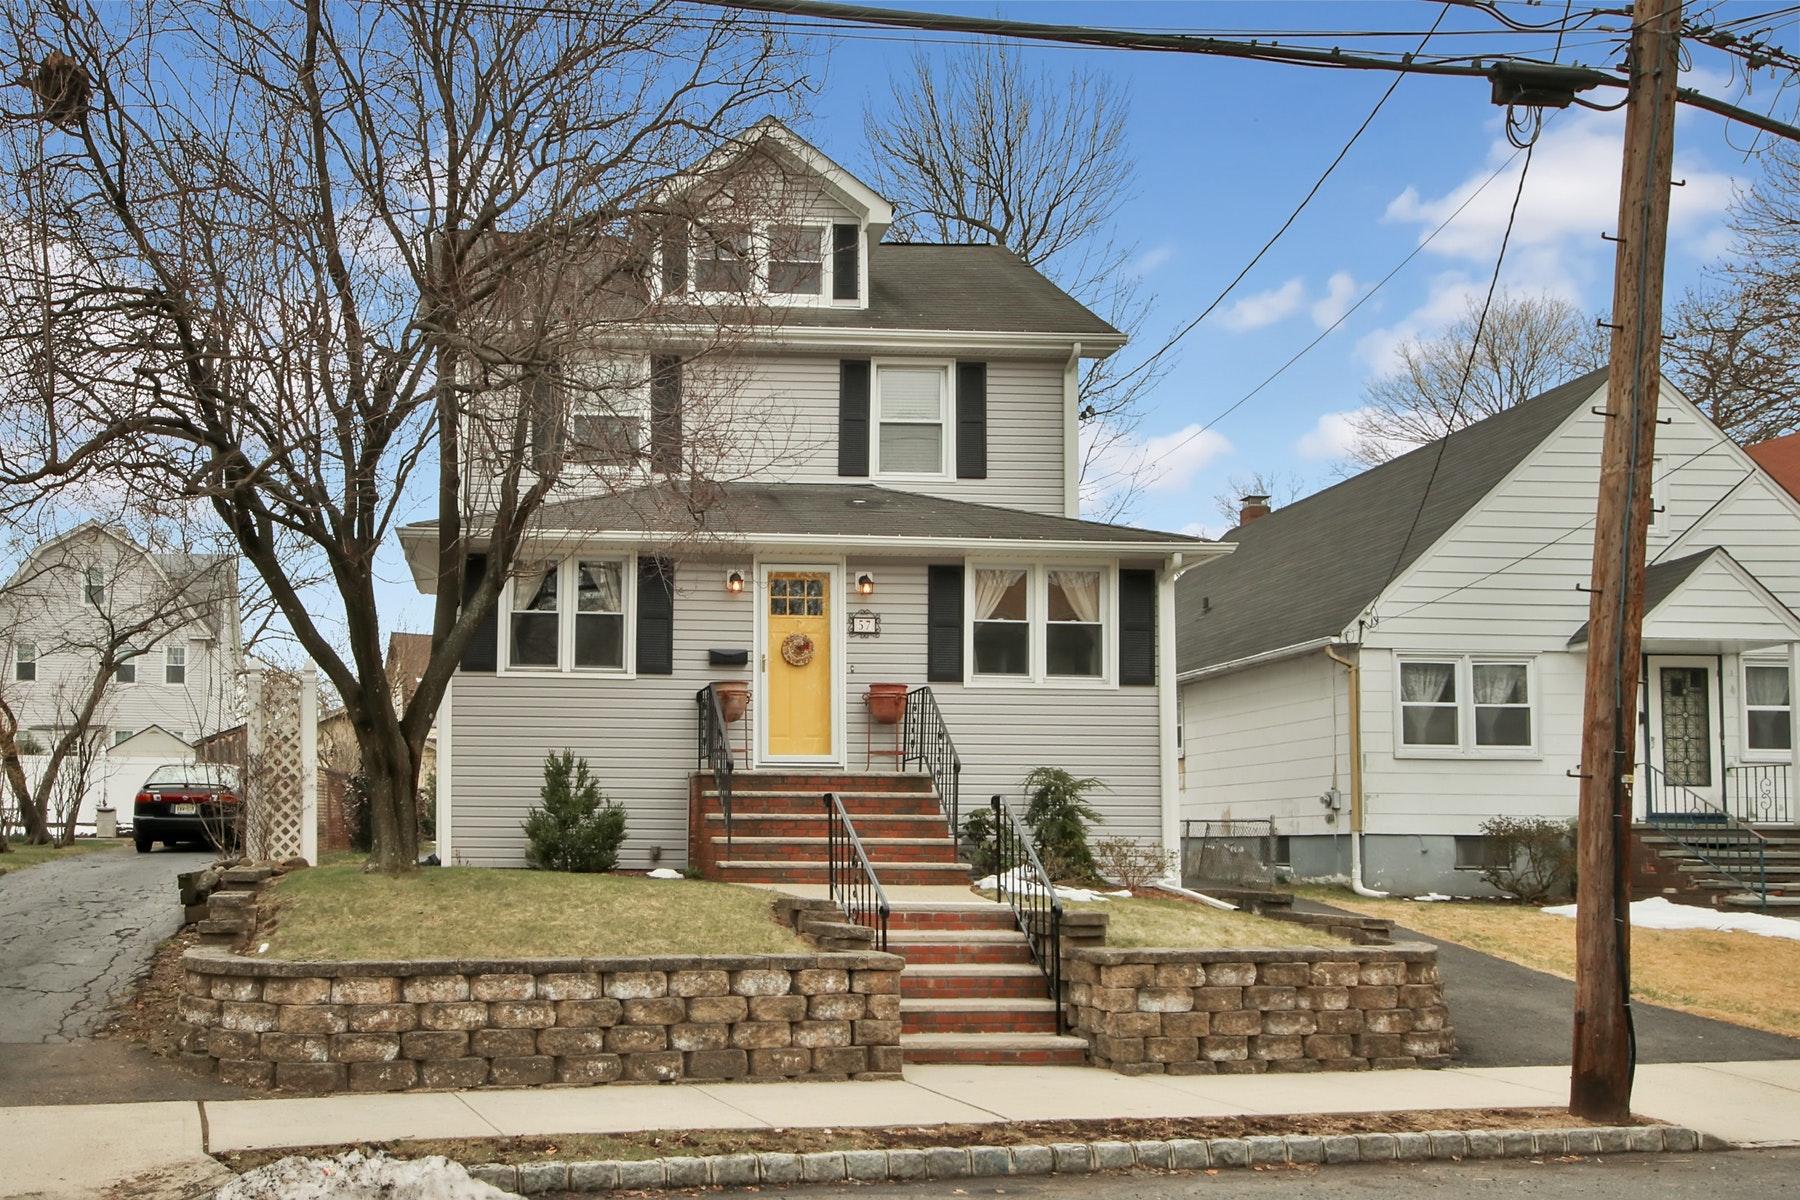 Maison unifamiliale pour l Vente à A Commuter's Delight 57 Sunnyside Avenue, Dumont, New Jersey 07628 États-Unis